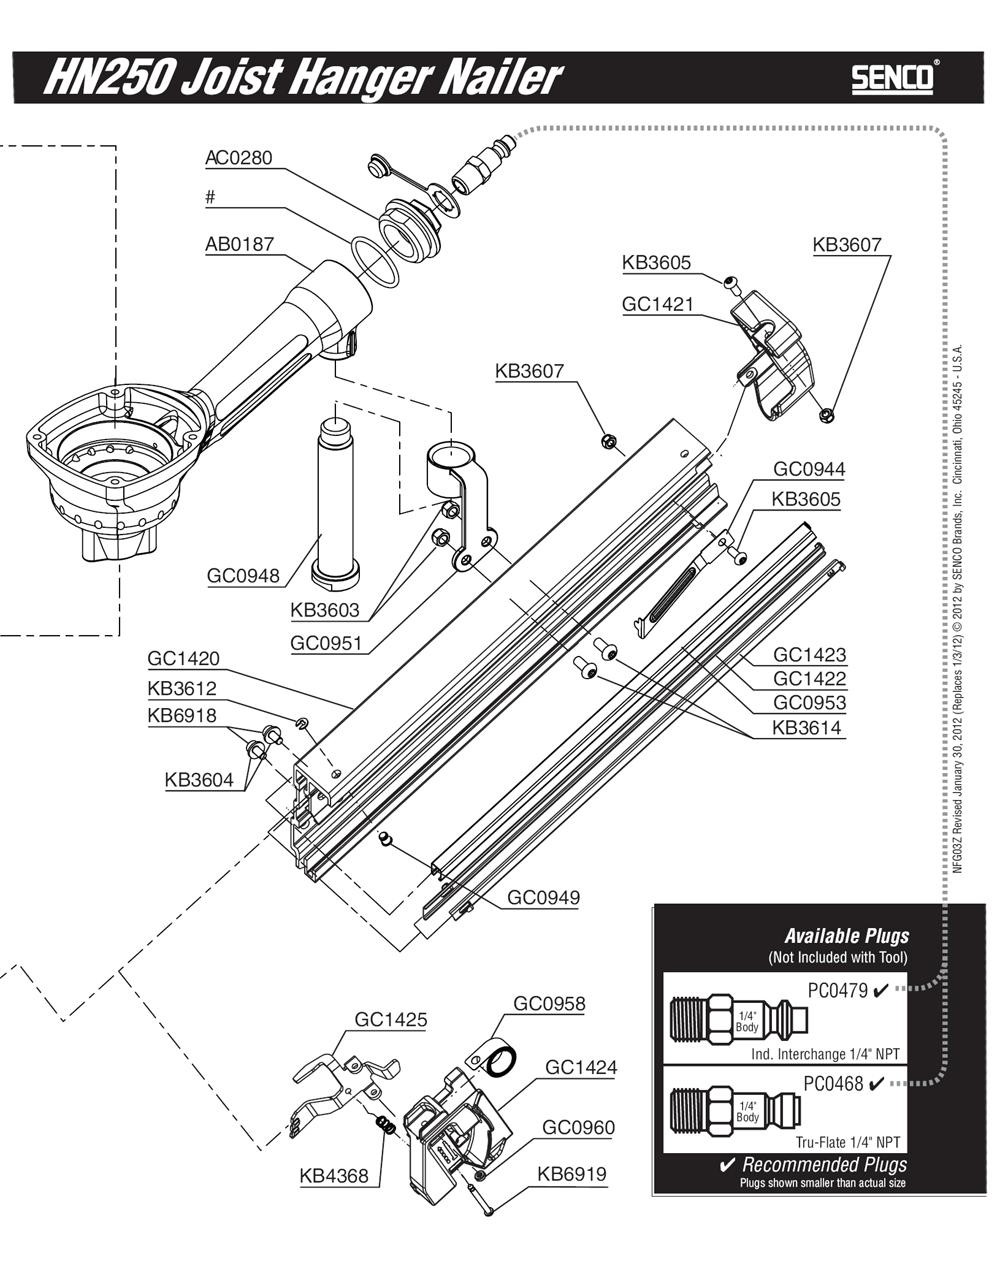 3Z0001N-senco-PB-1Break Down